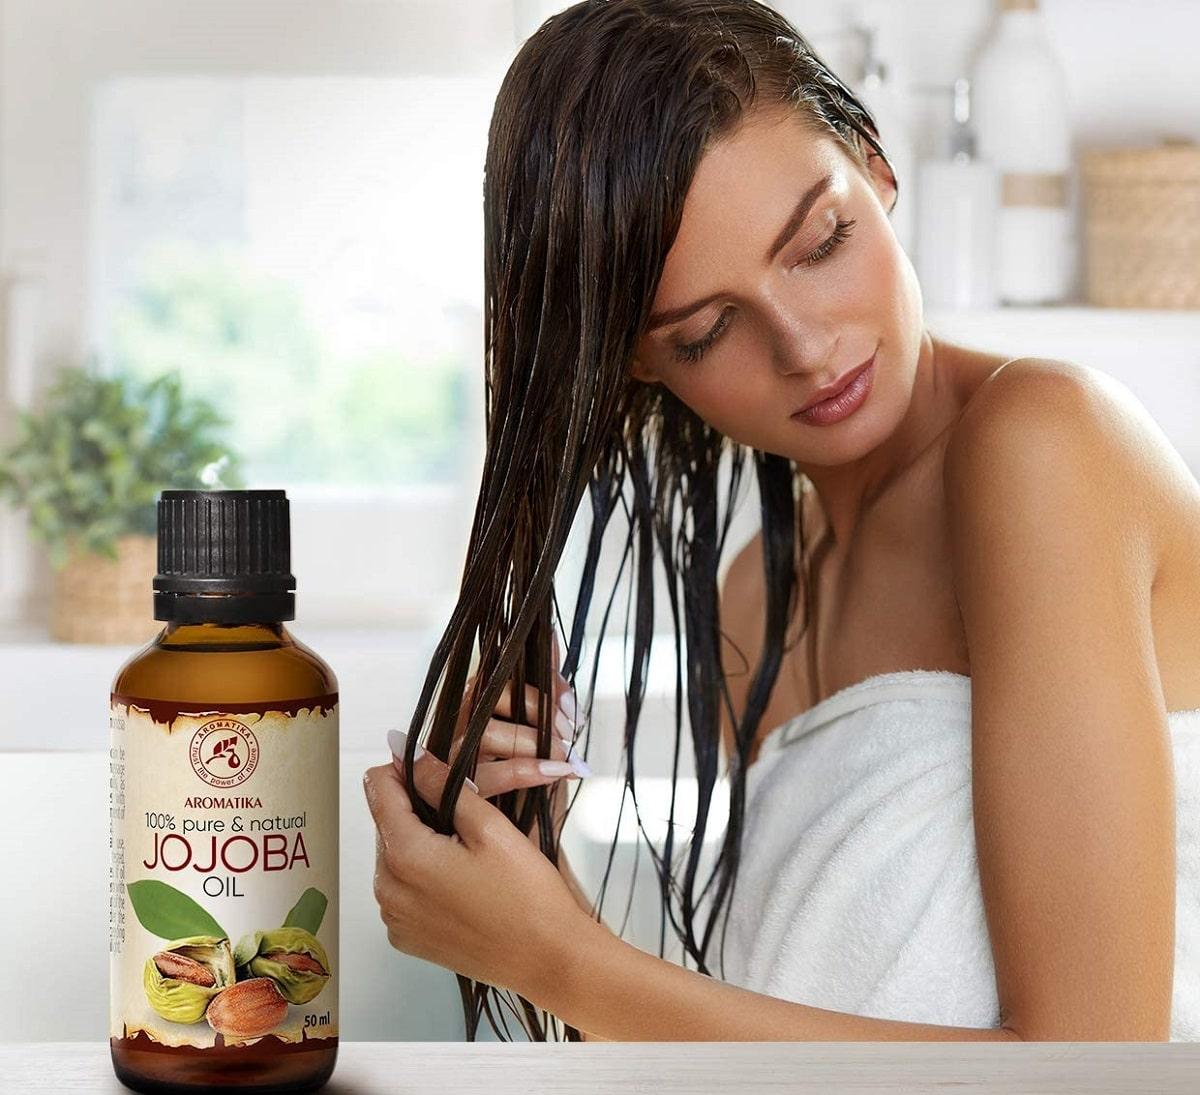 cómo usar el aceite de jojoba